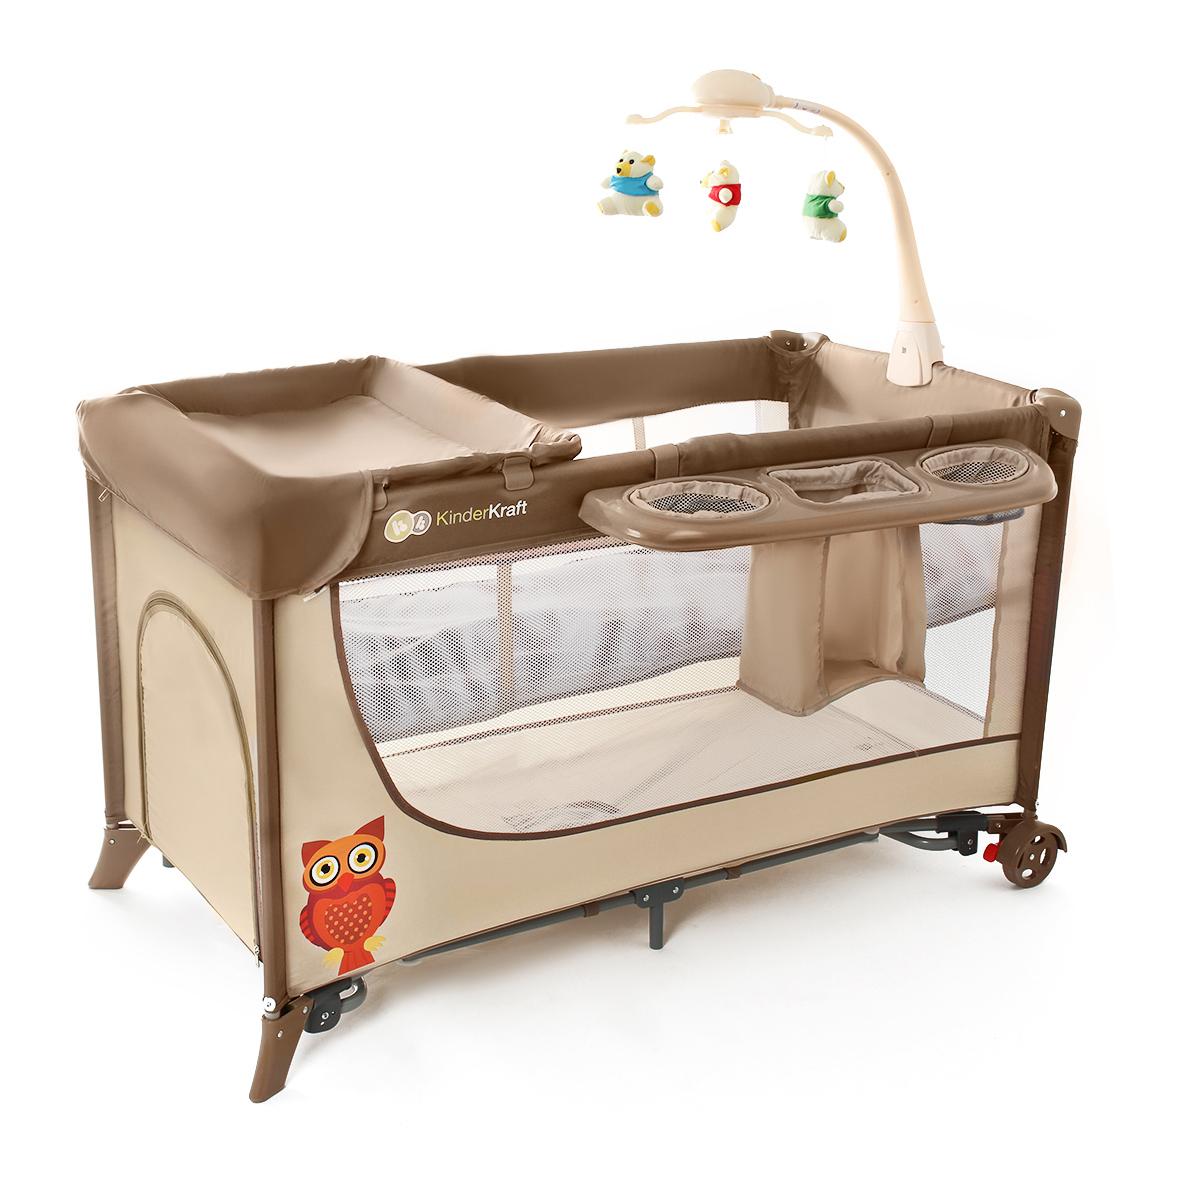 travel bed baby bed baby bed folding bed playpen playpen playpen new top ebay